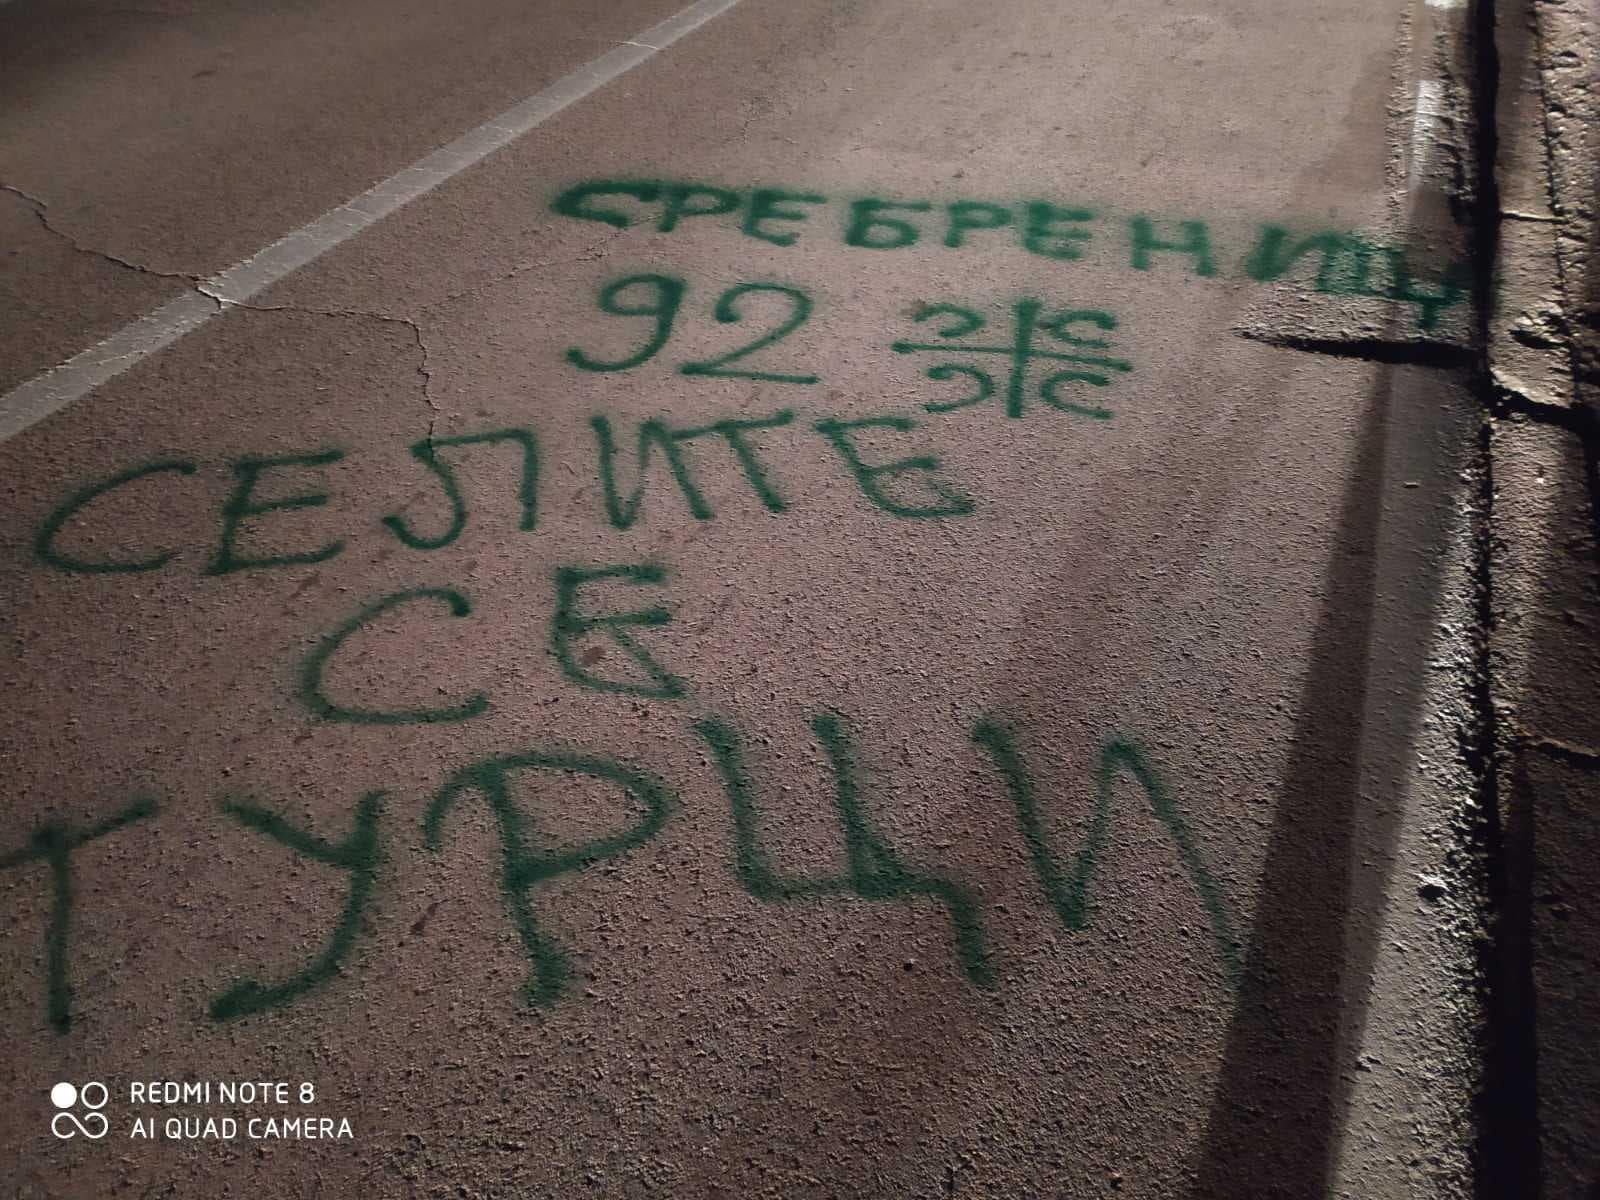 Prijava protiv trojice Pljevljaka - Terzića, Novakovića i Vraneša zbog grafita sa porukama mržnje